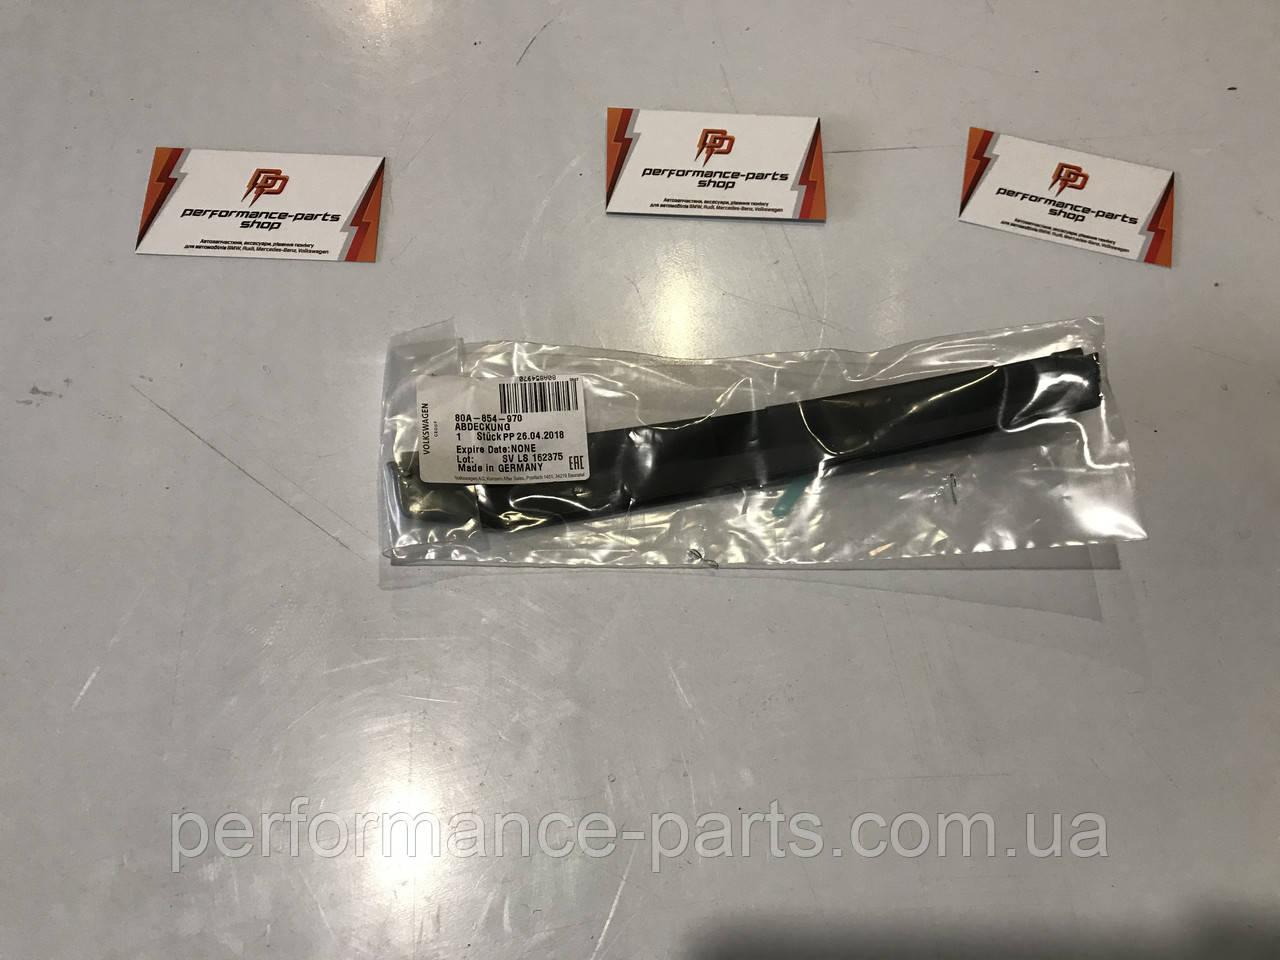 Накладка колесной арки Audi Q5 80A 80A854970